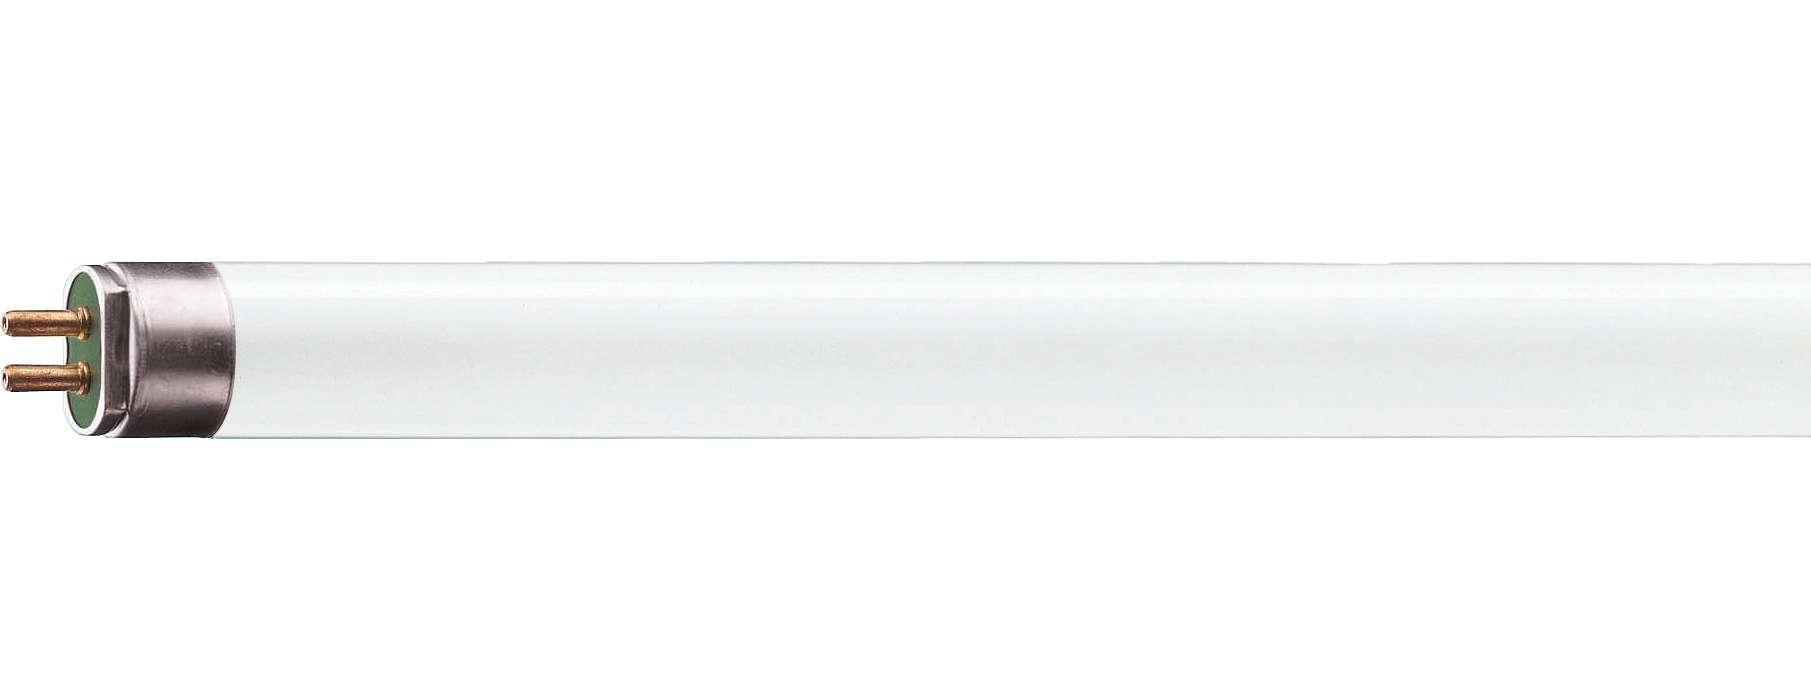 Люминесцентное освещение высокой эффективности